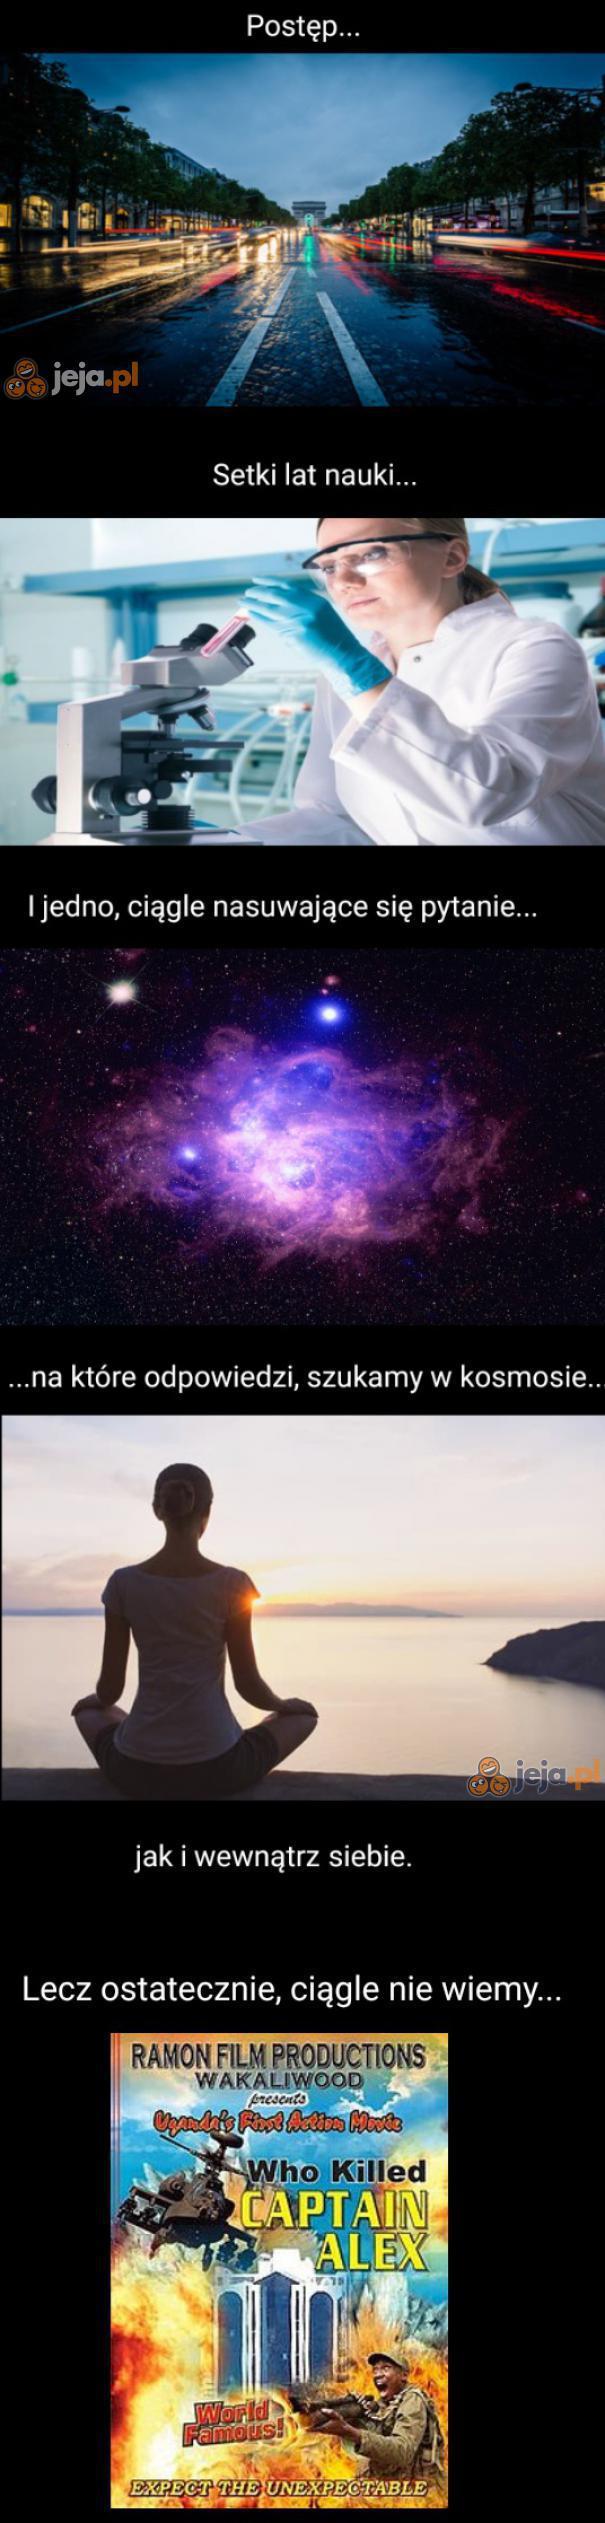 Tajemnica życia